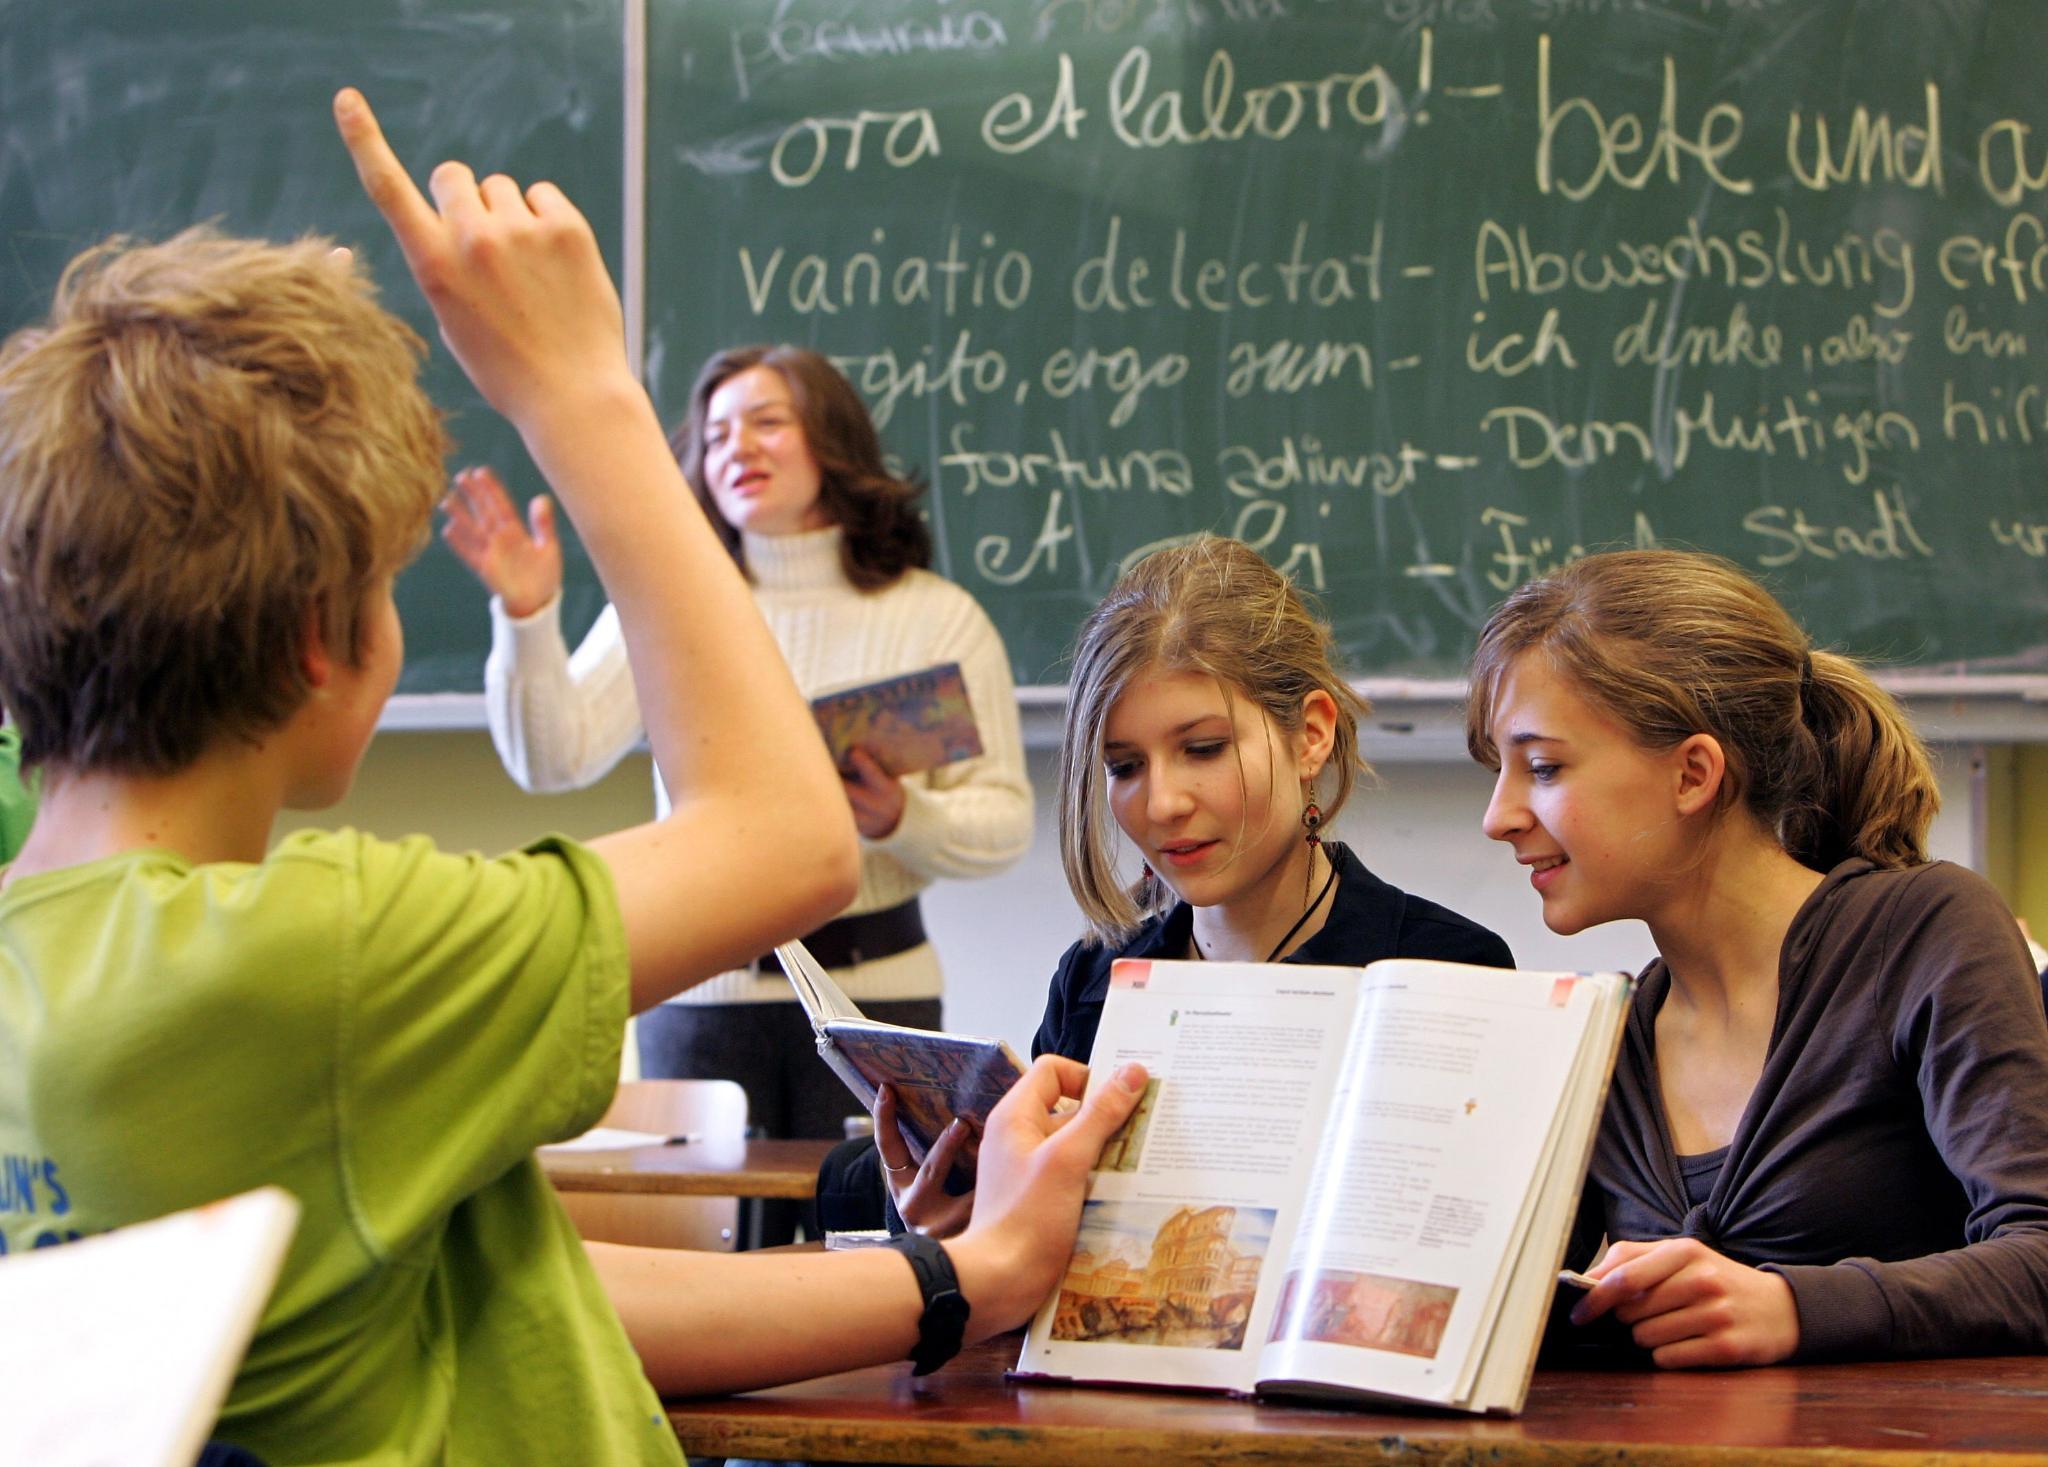 Среднее специальное образование в россии: как это – учиться современно? критические заметки | единый центр дистанционного образования